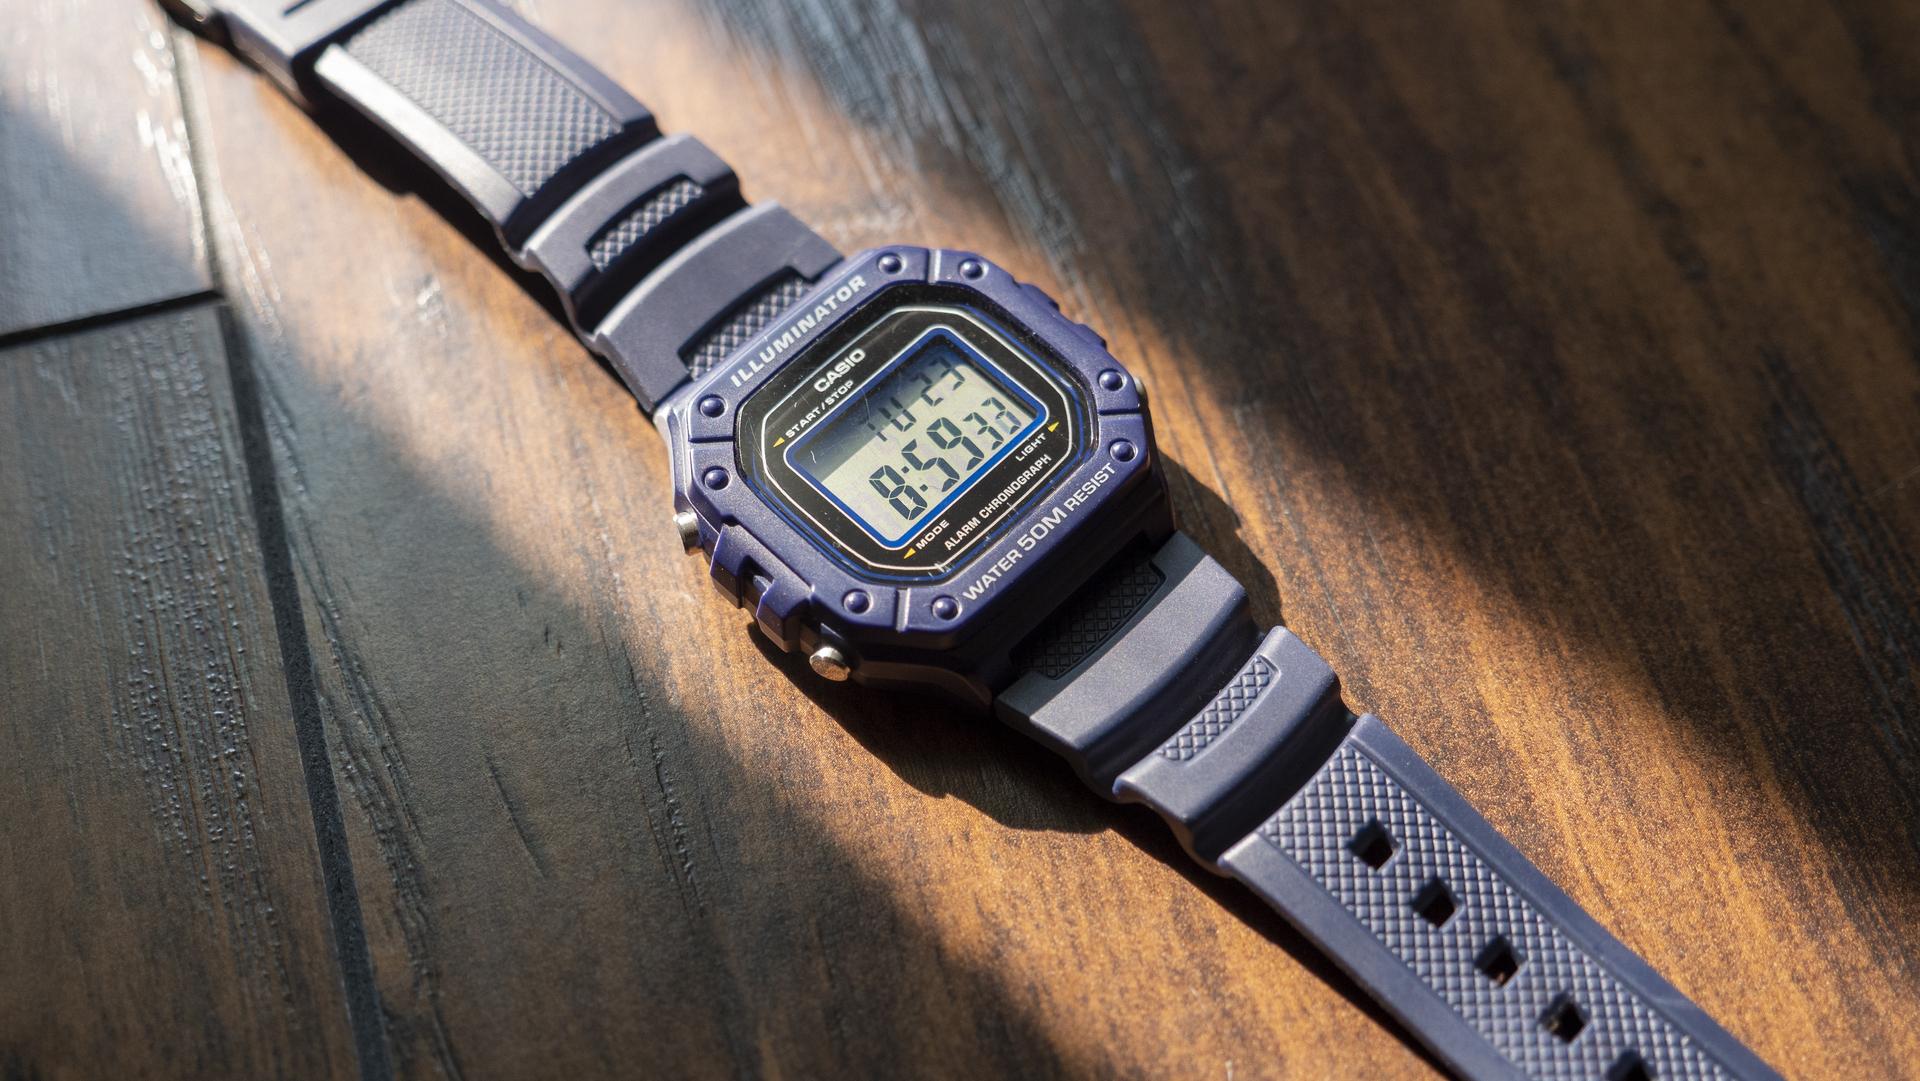 Casio W 218H digital watch